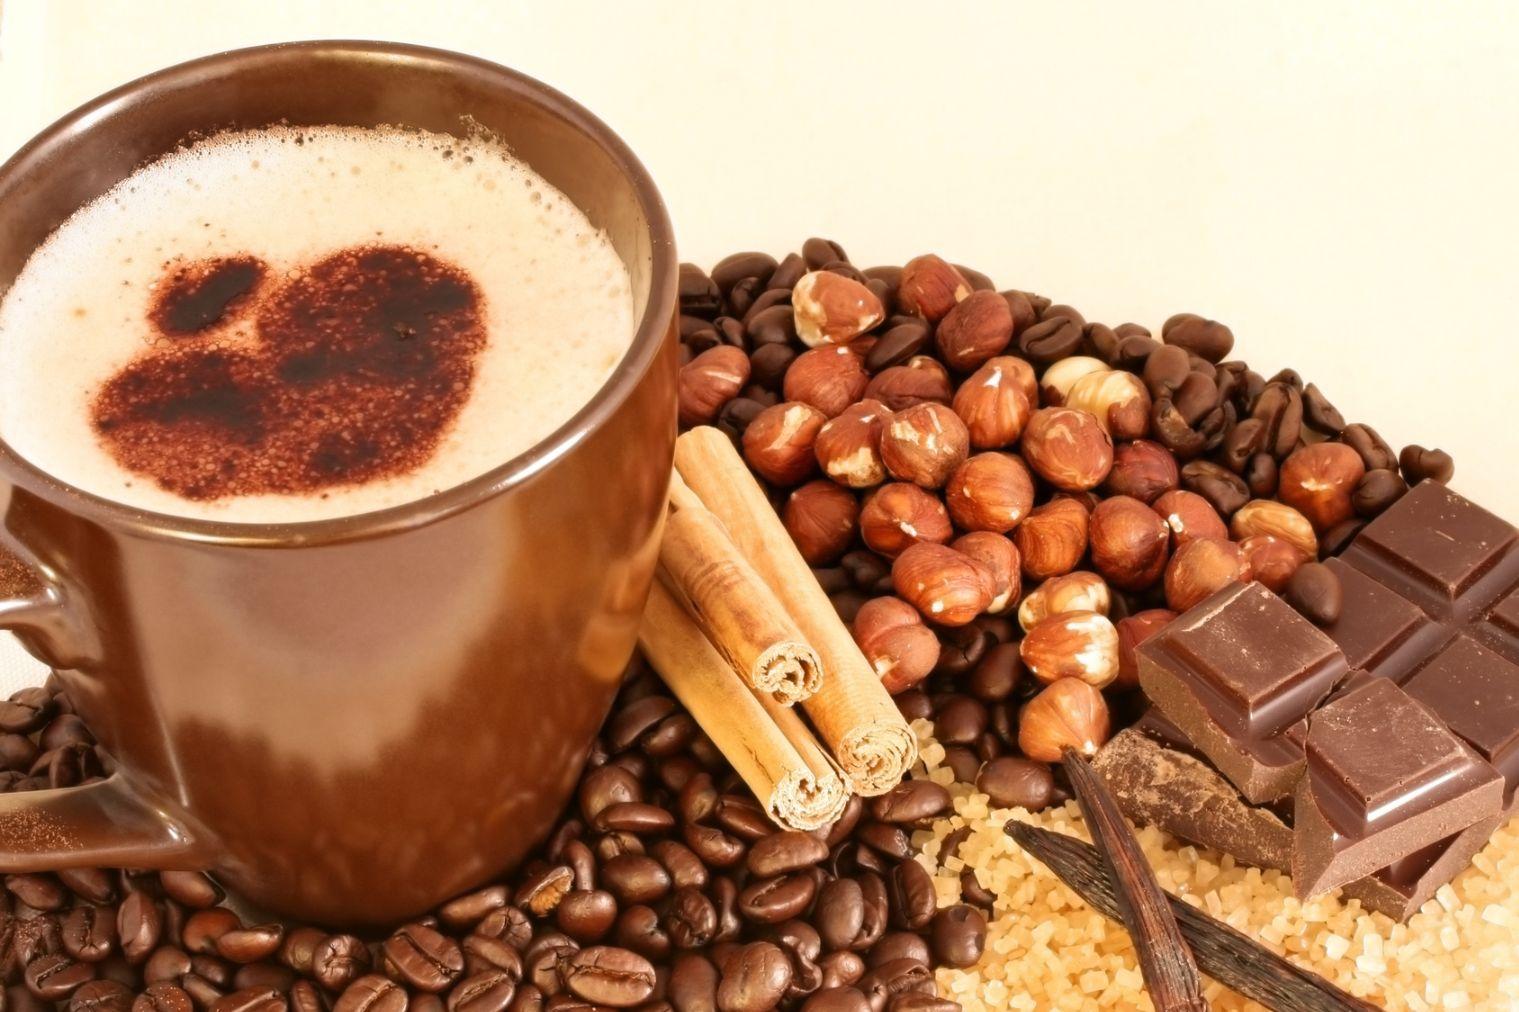 Birçok yüzlü çikolata: popüler bir tedavinin yararı ve zararı